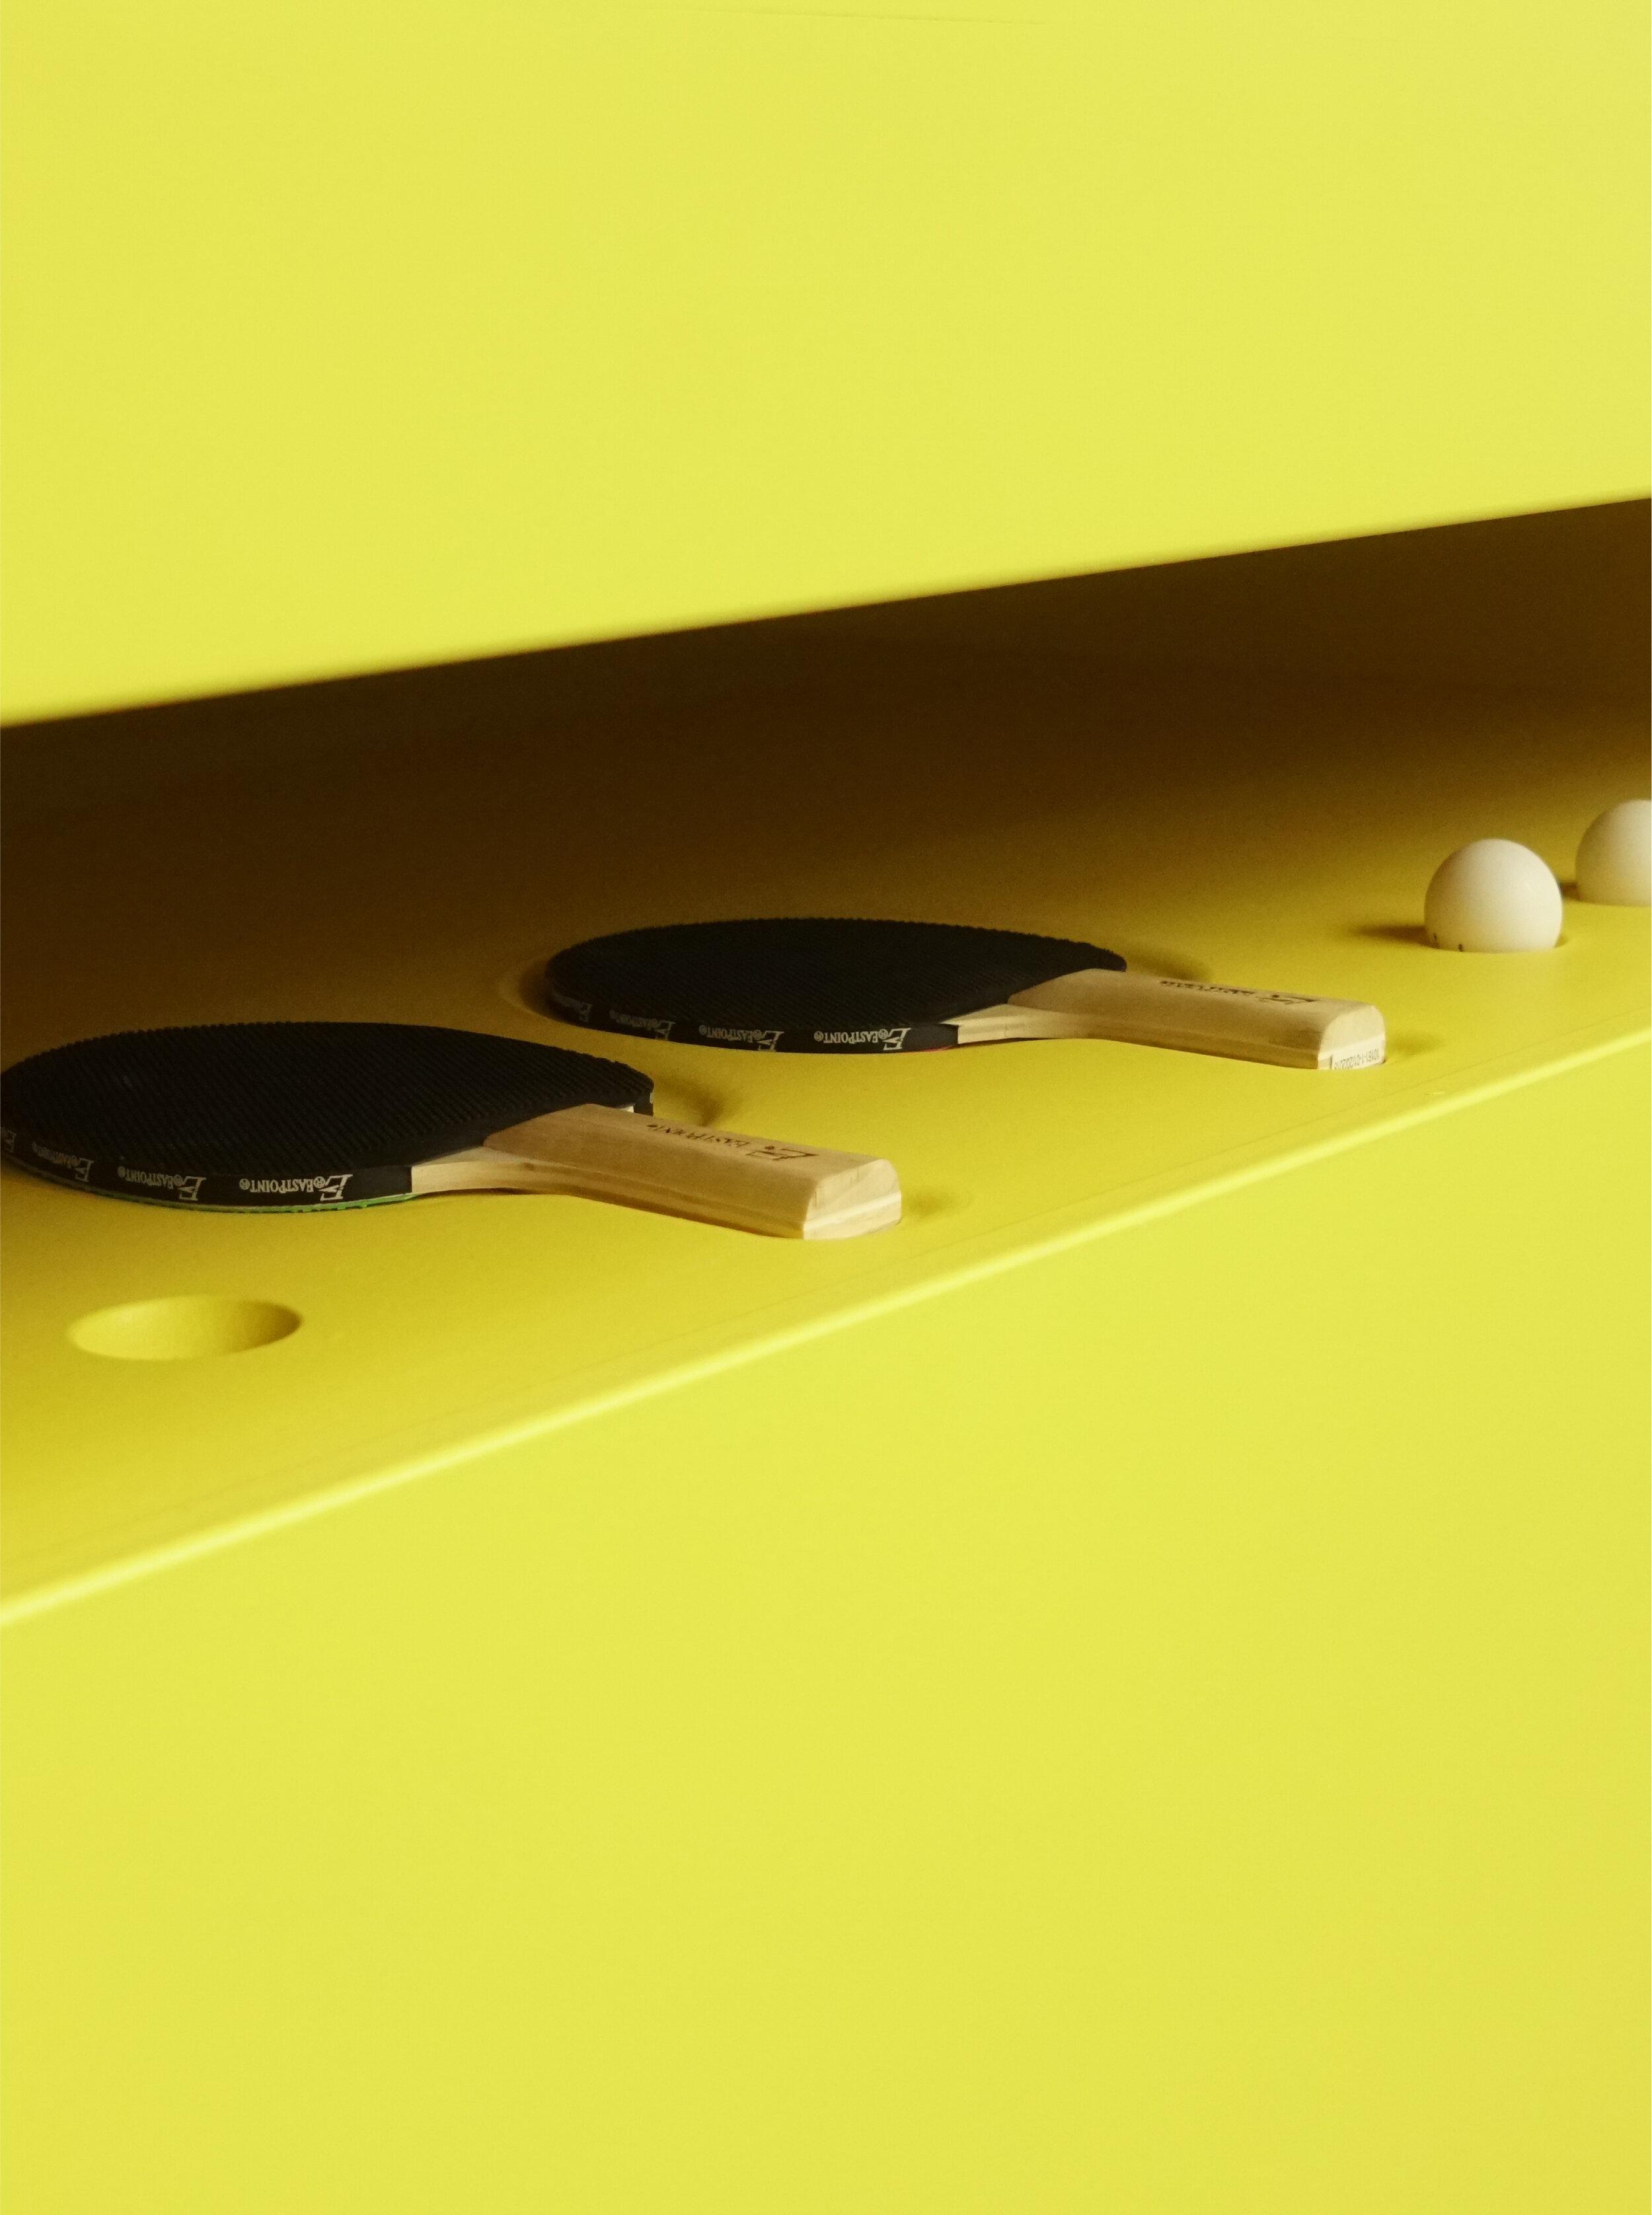 LABODECO+YTABLE+PING+PONG+PALAIS+03.jpg